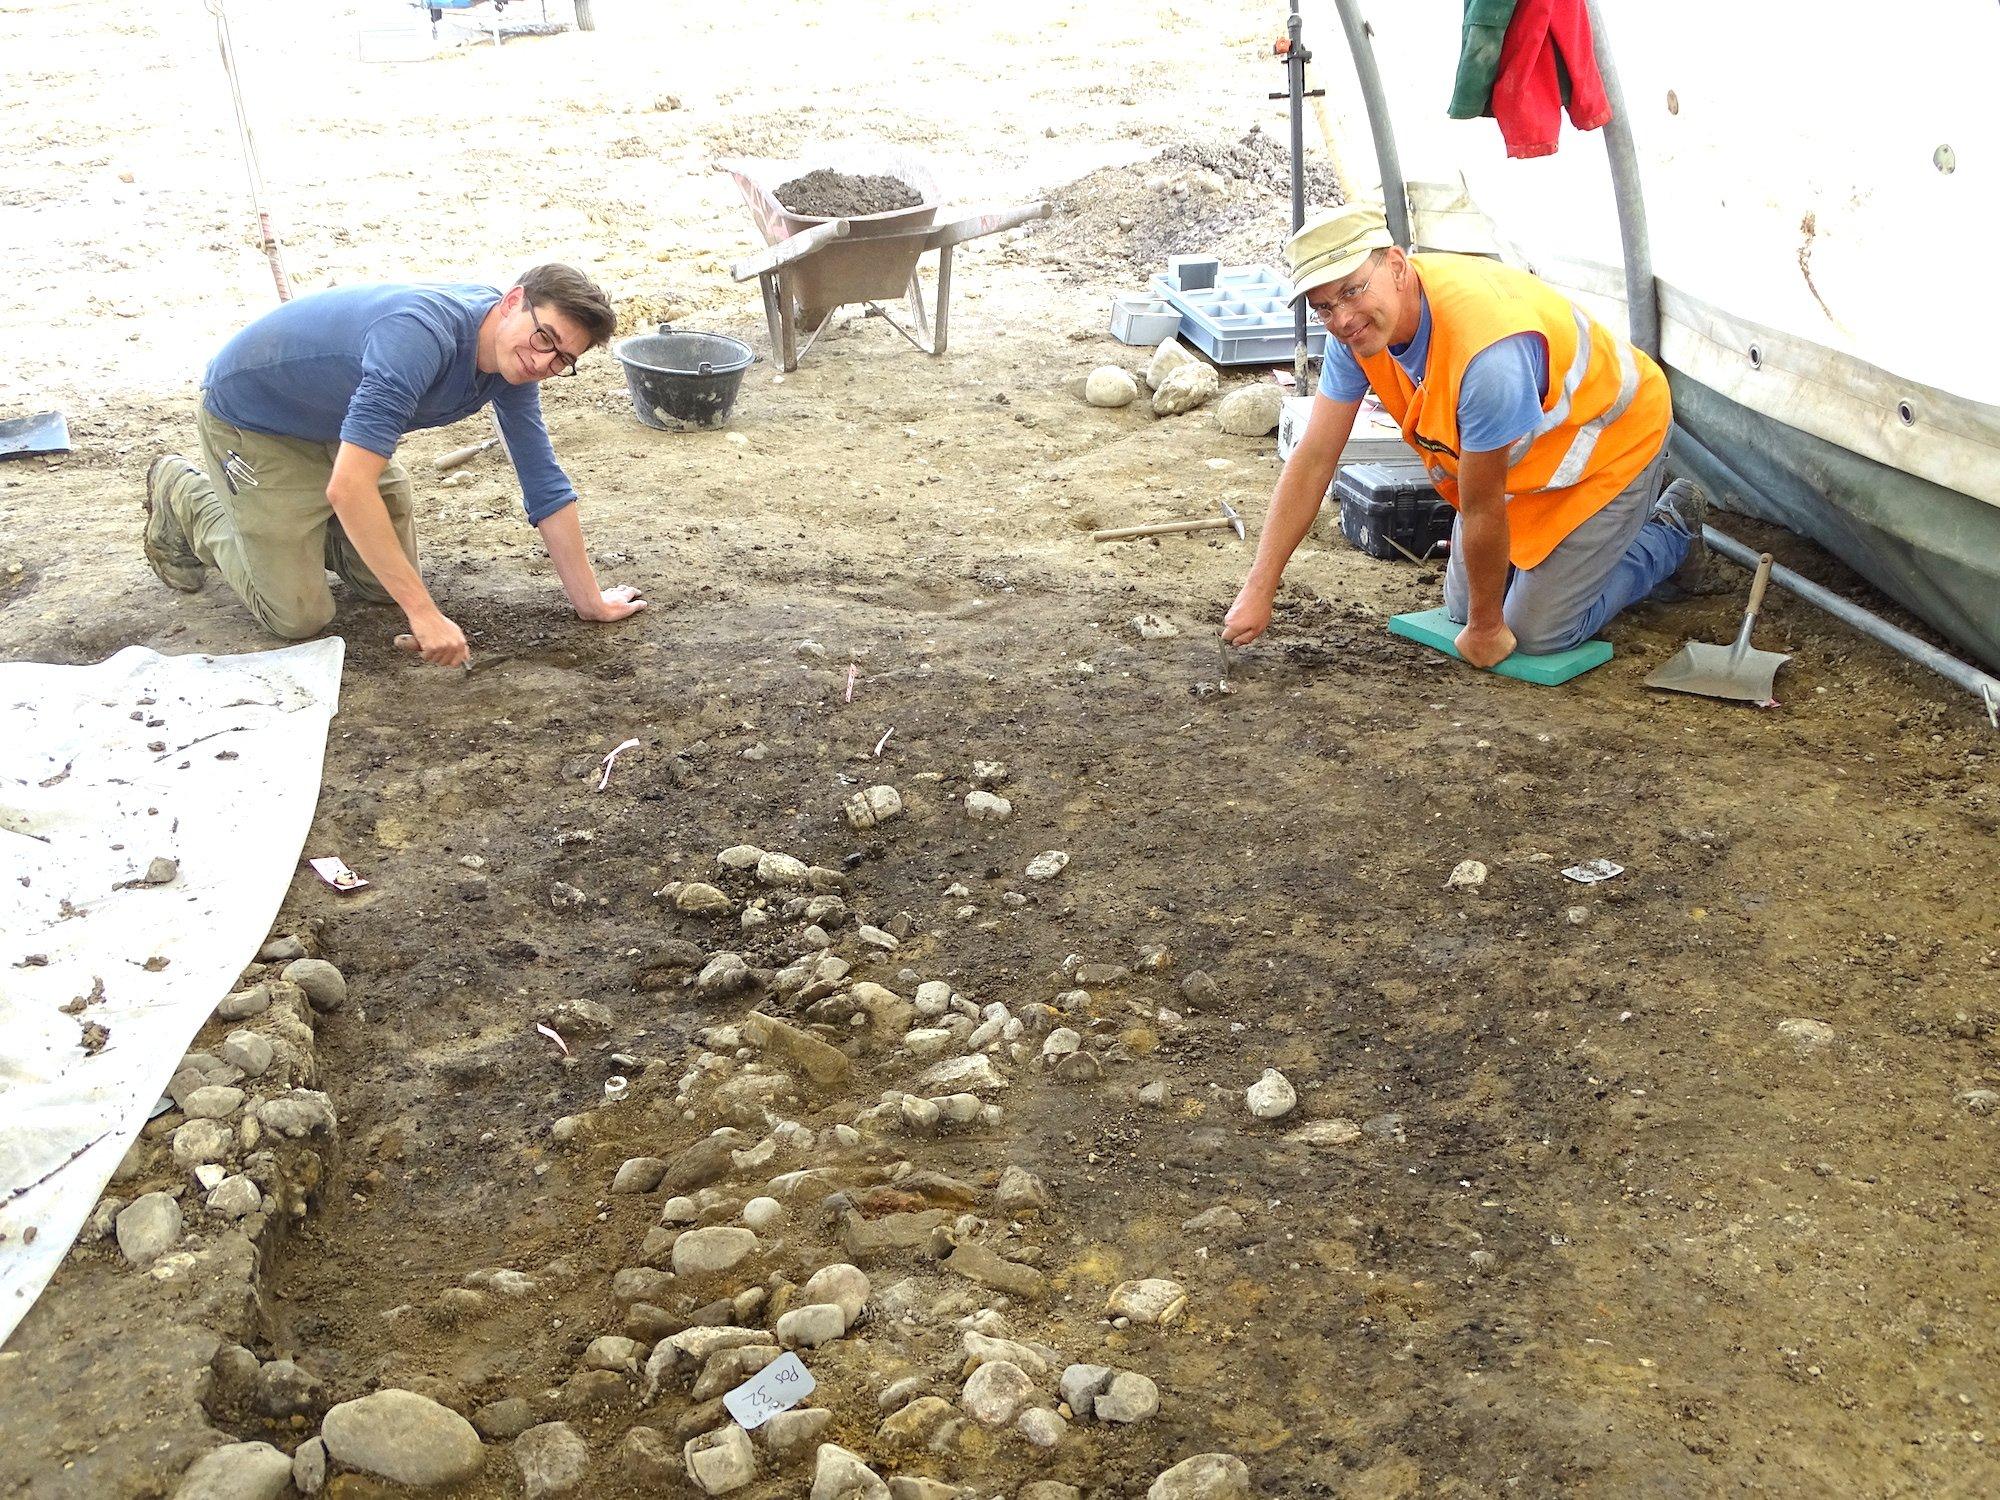 Auf den Spuren der jüngeren Eisenzeit: Zuger Archäologen buddeln derzeit auf der Tangente-Baustelle.